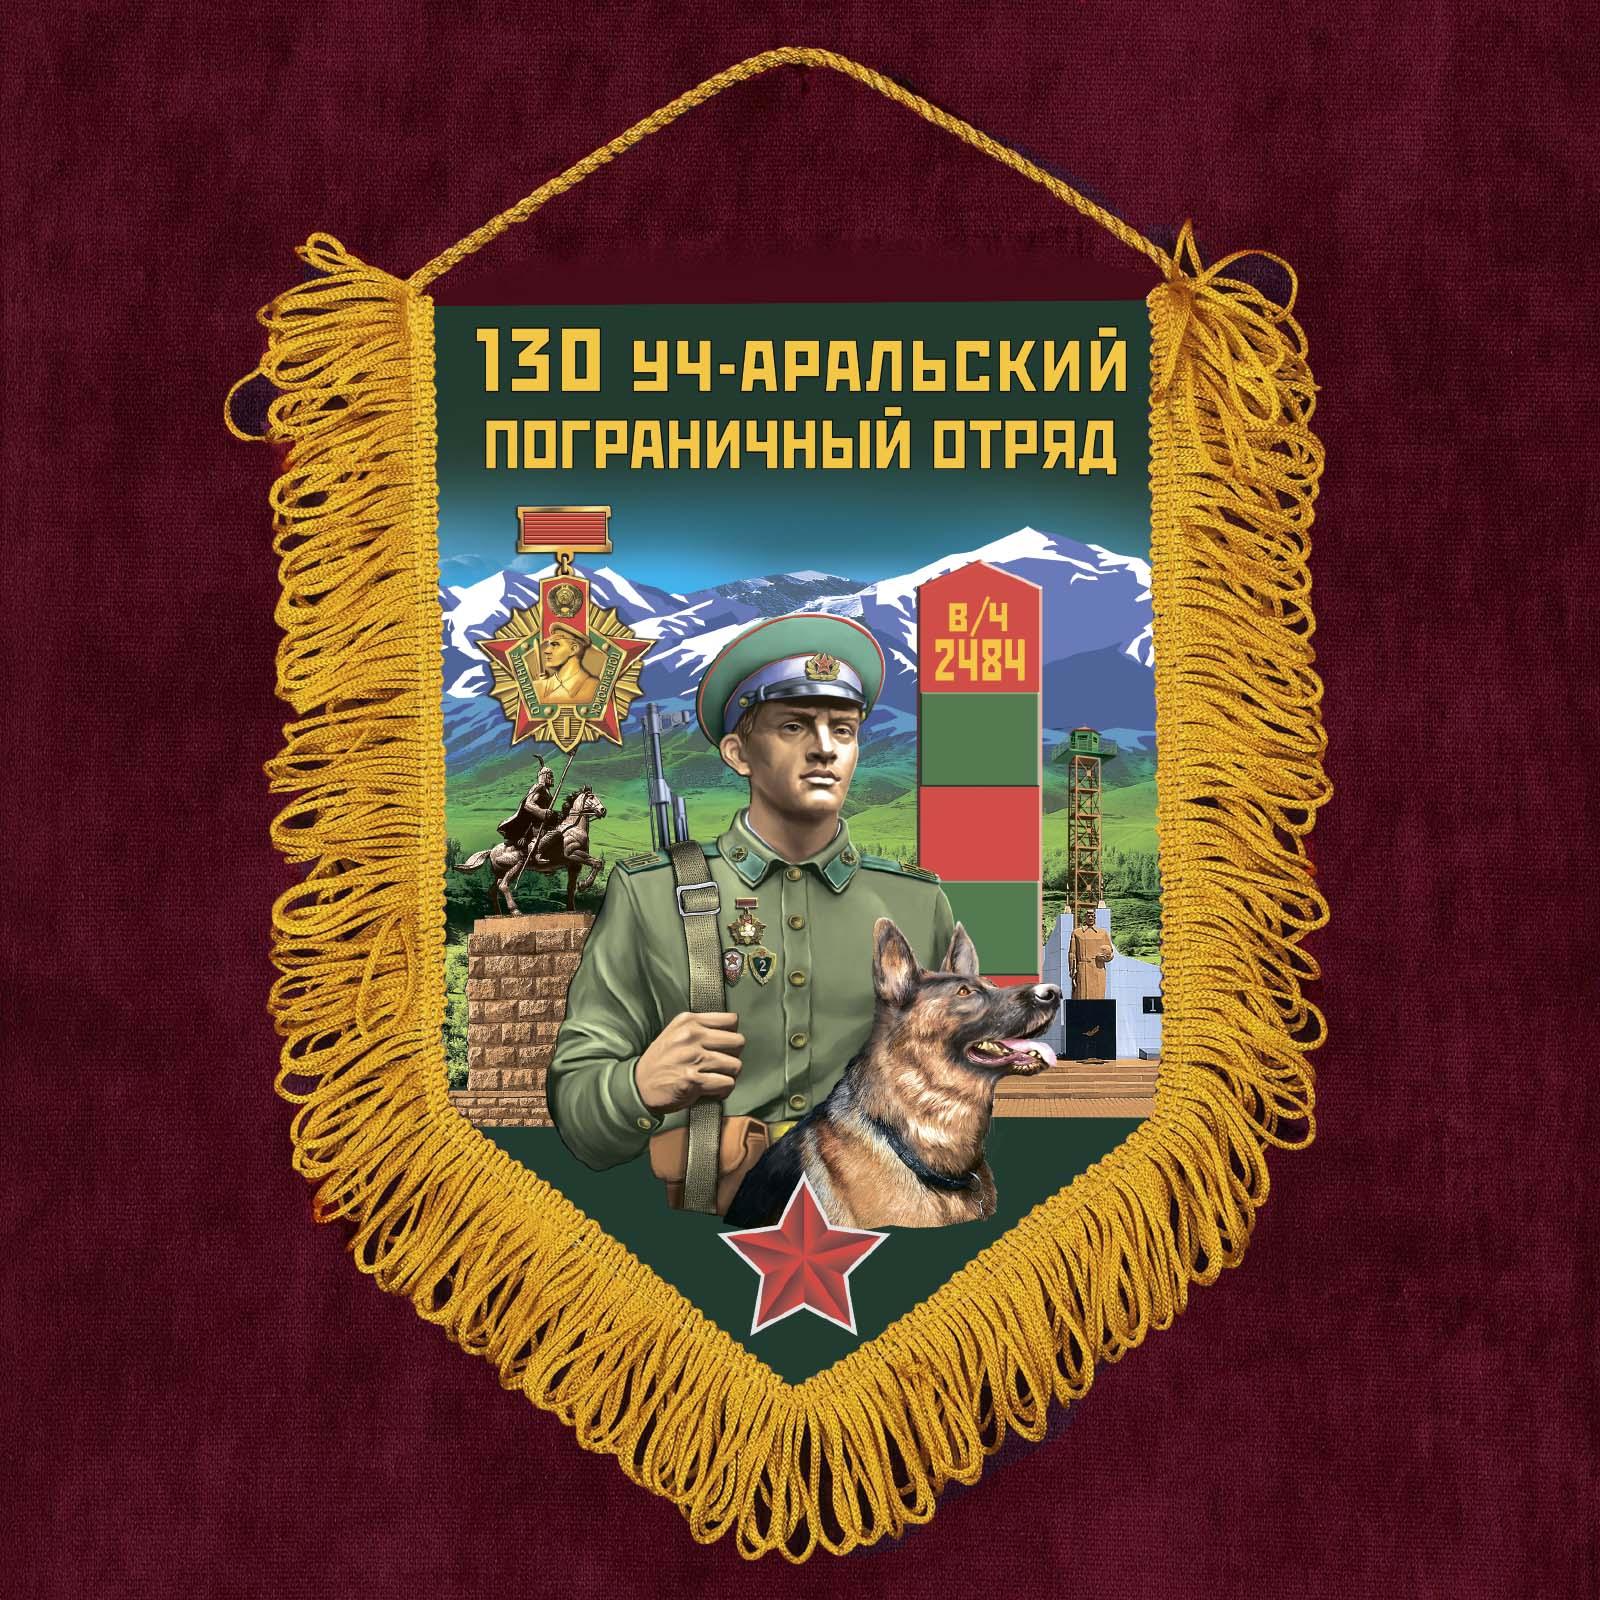 """Подарочный вымпел """"130 Уч-Аральский пограничный отряд"""""""